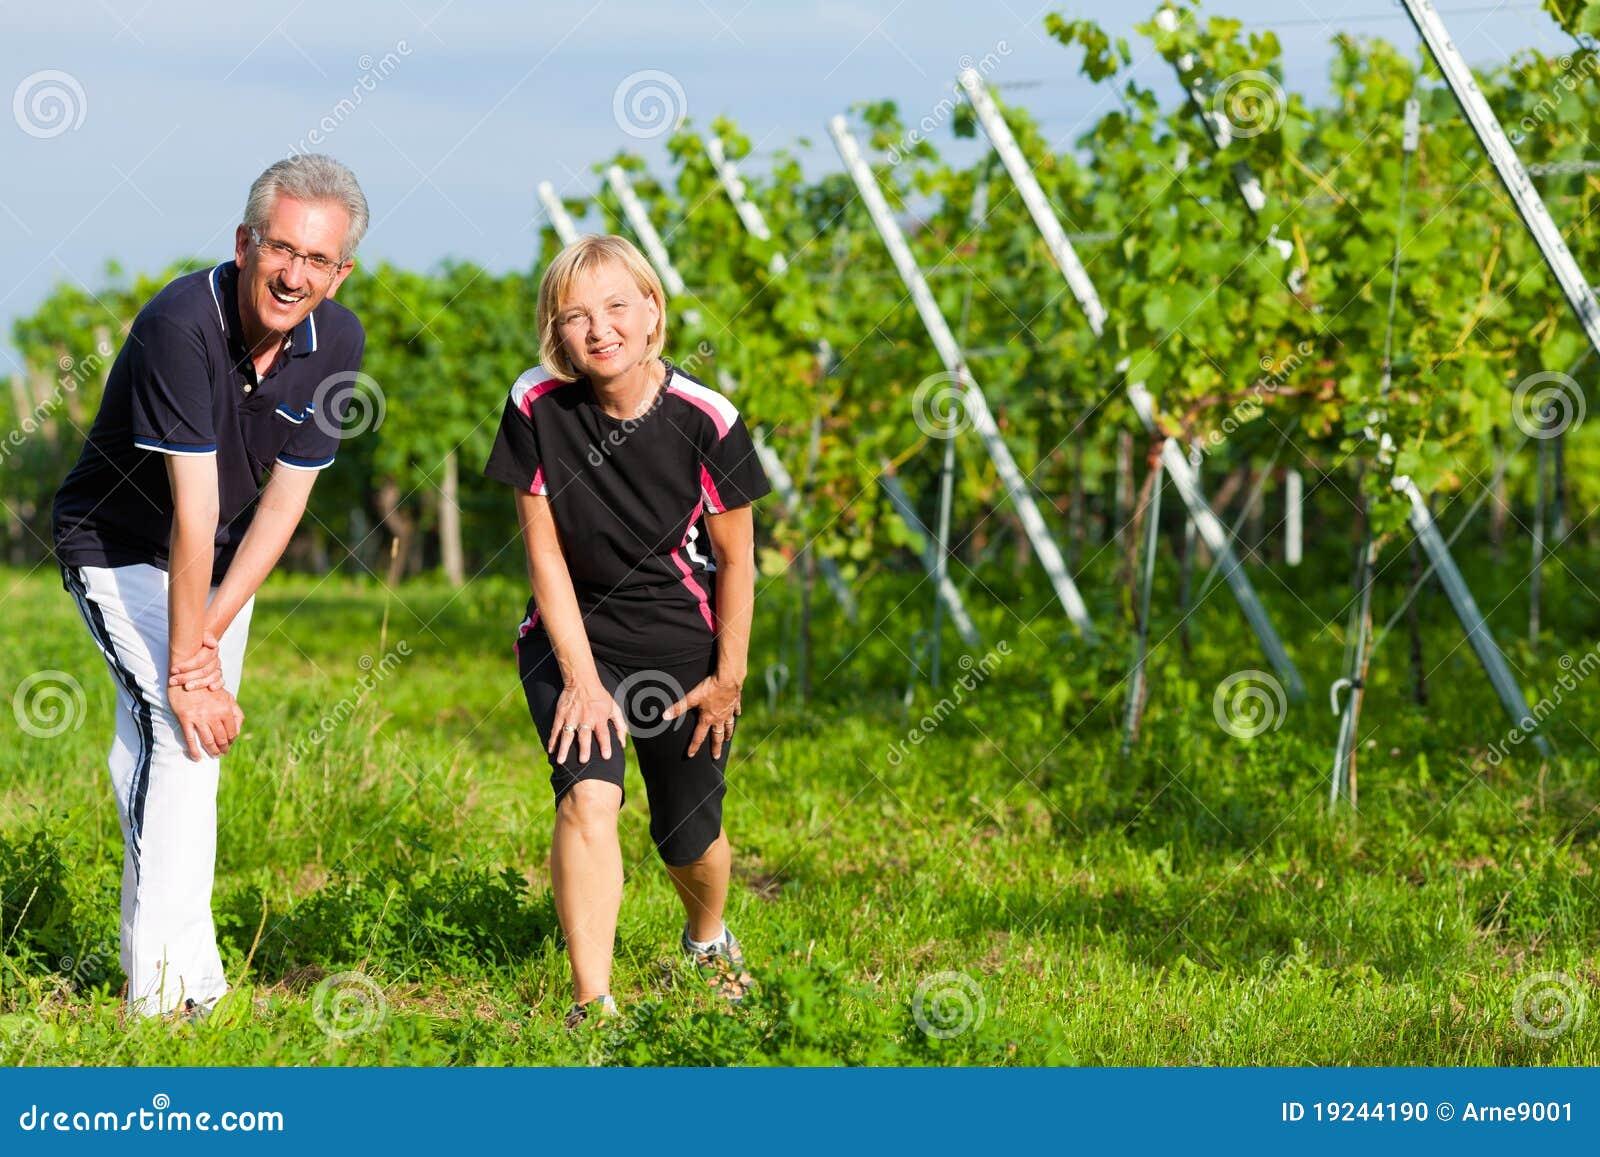 Mature sport pics